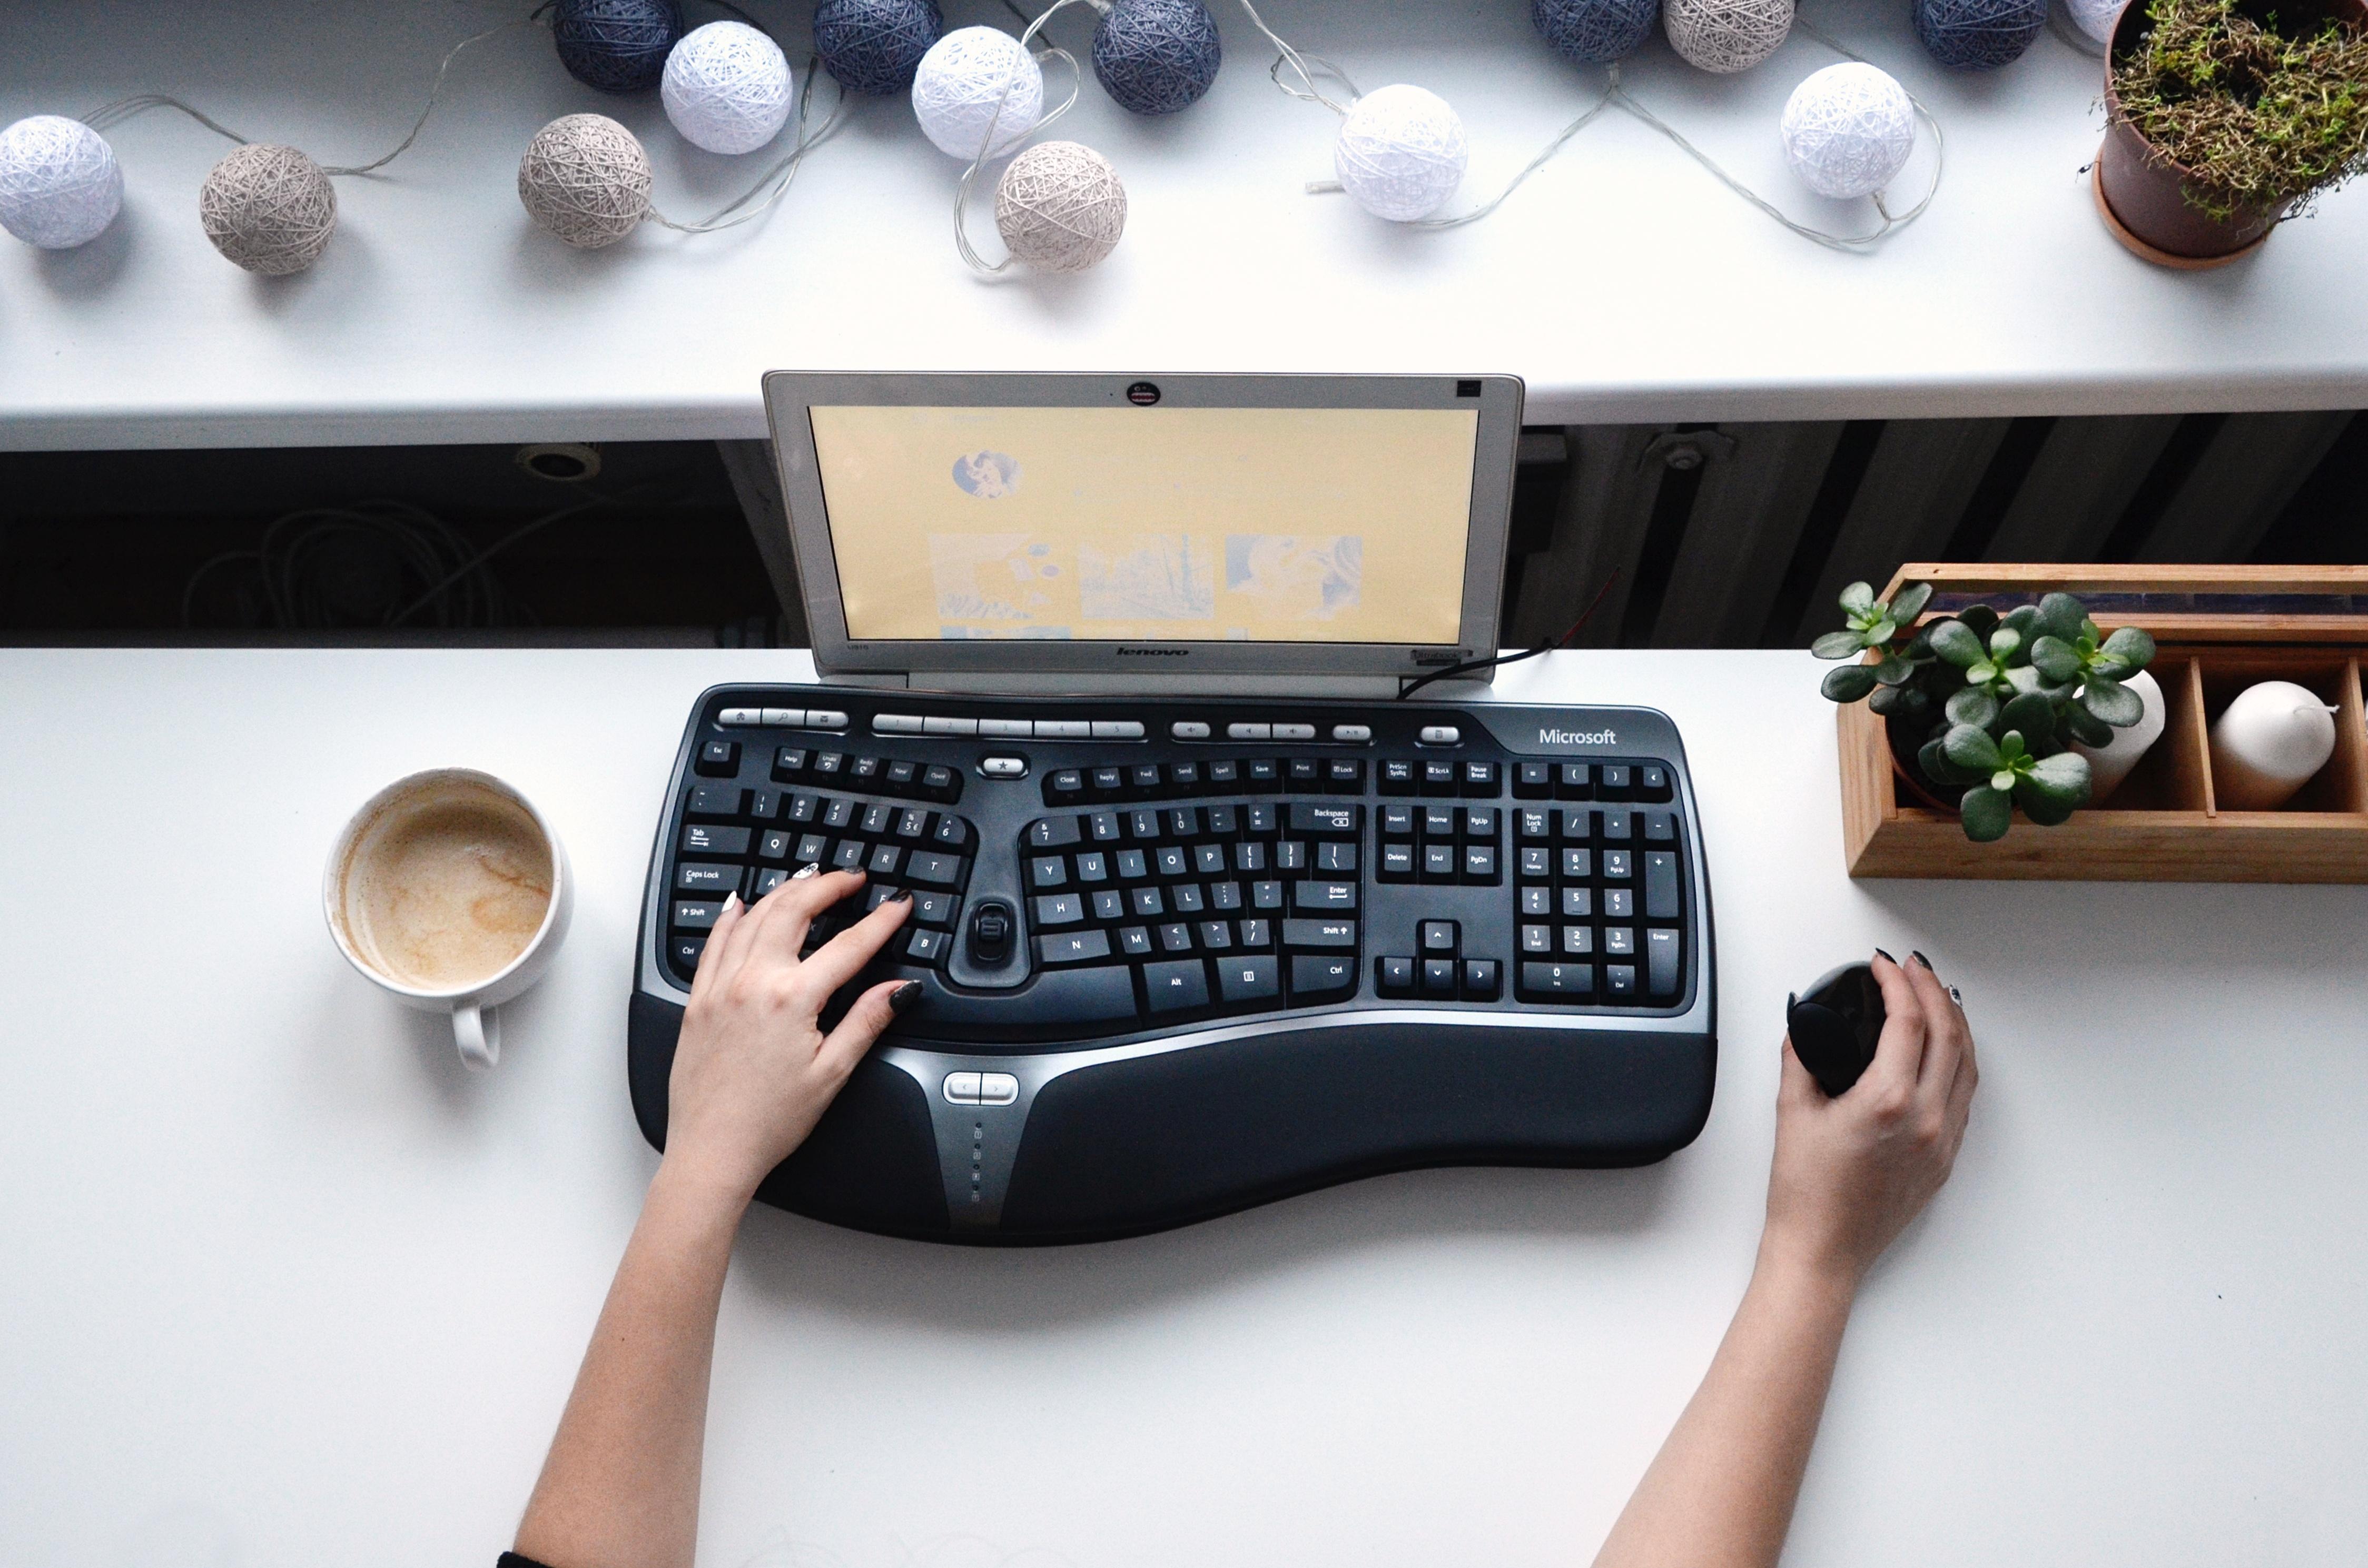 klawiatura ergonomiczna myszka pionowa